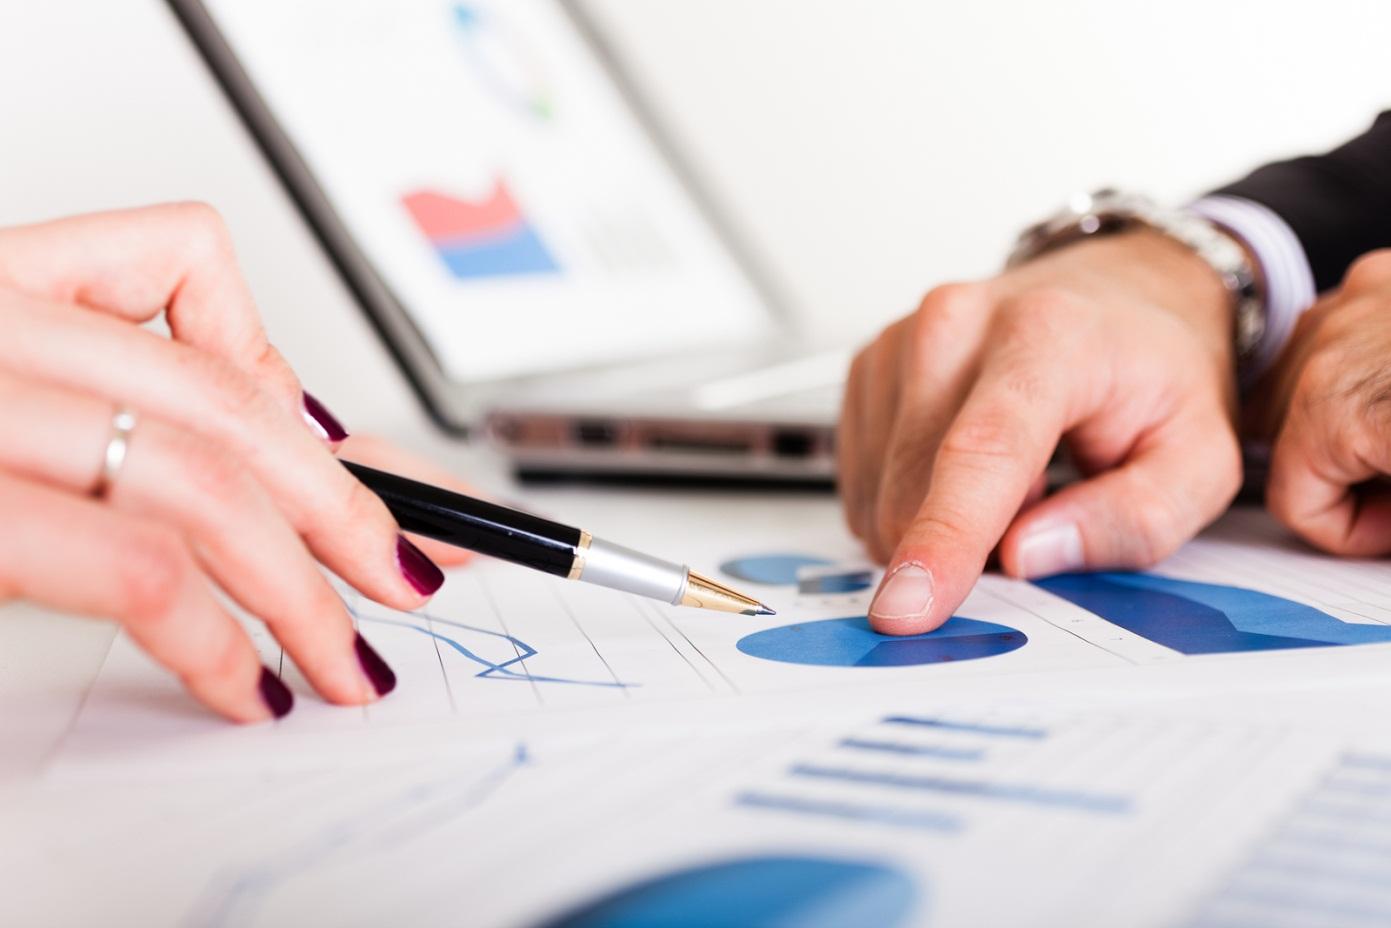 dịch vụ kế toán trọn gói TpHCM